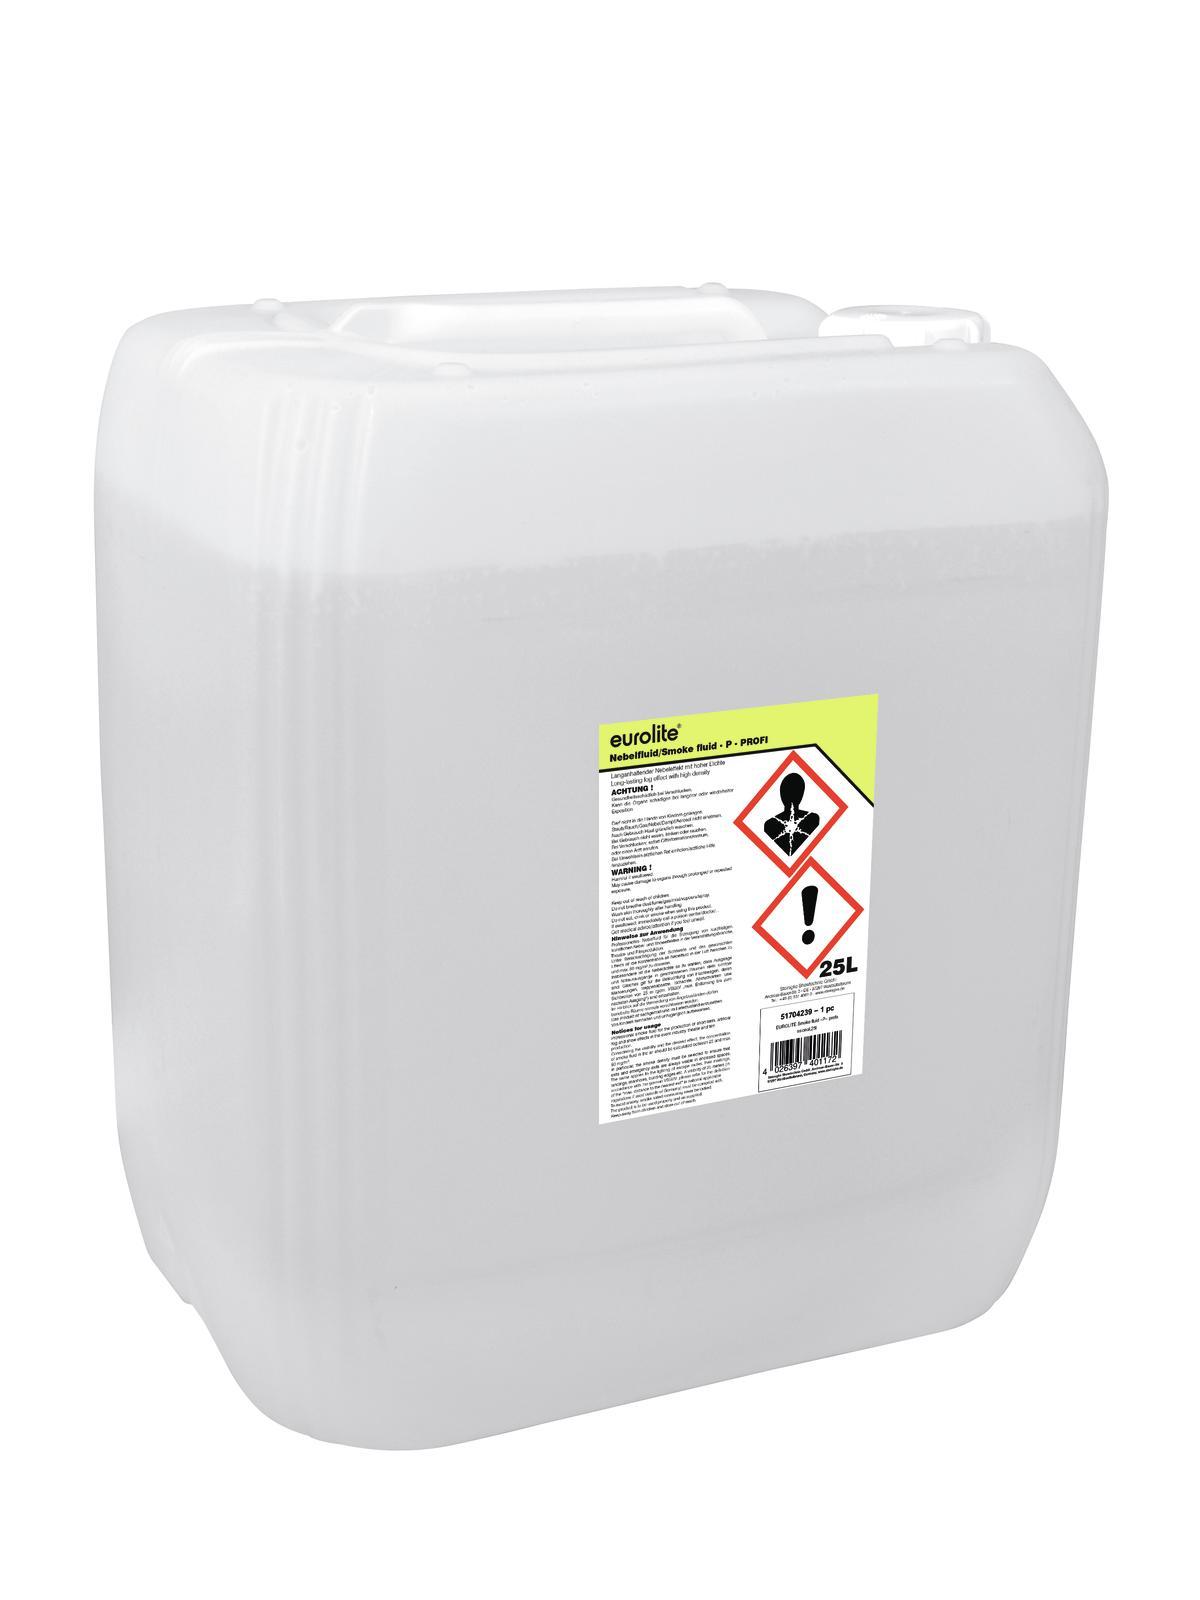 Liquido per macchina del fumo, professionale, 25 litri EUROLITE